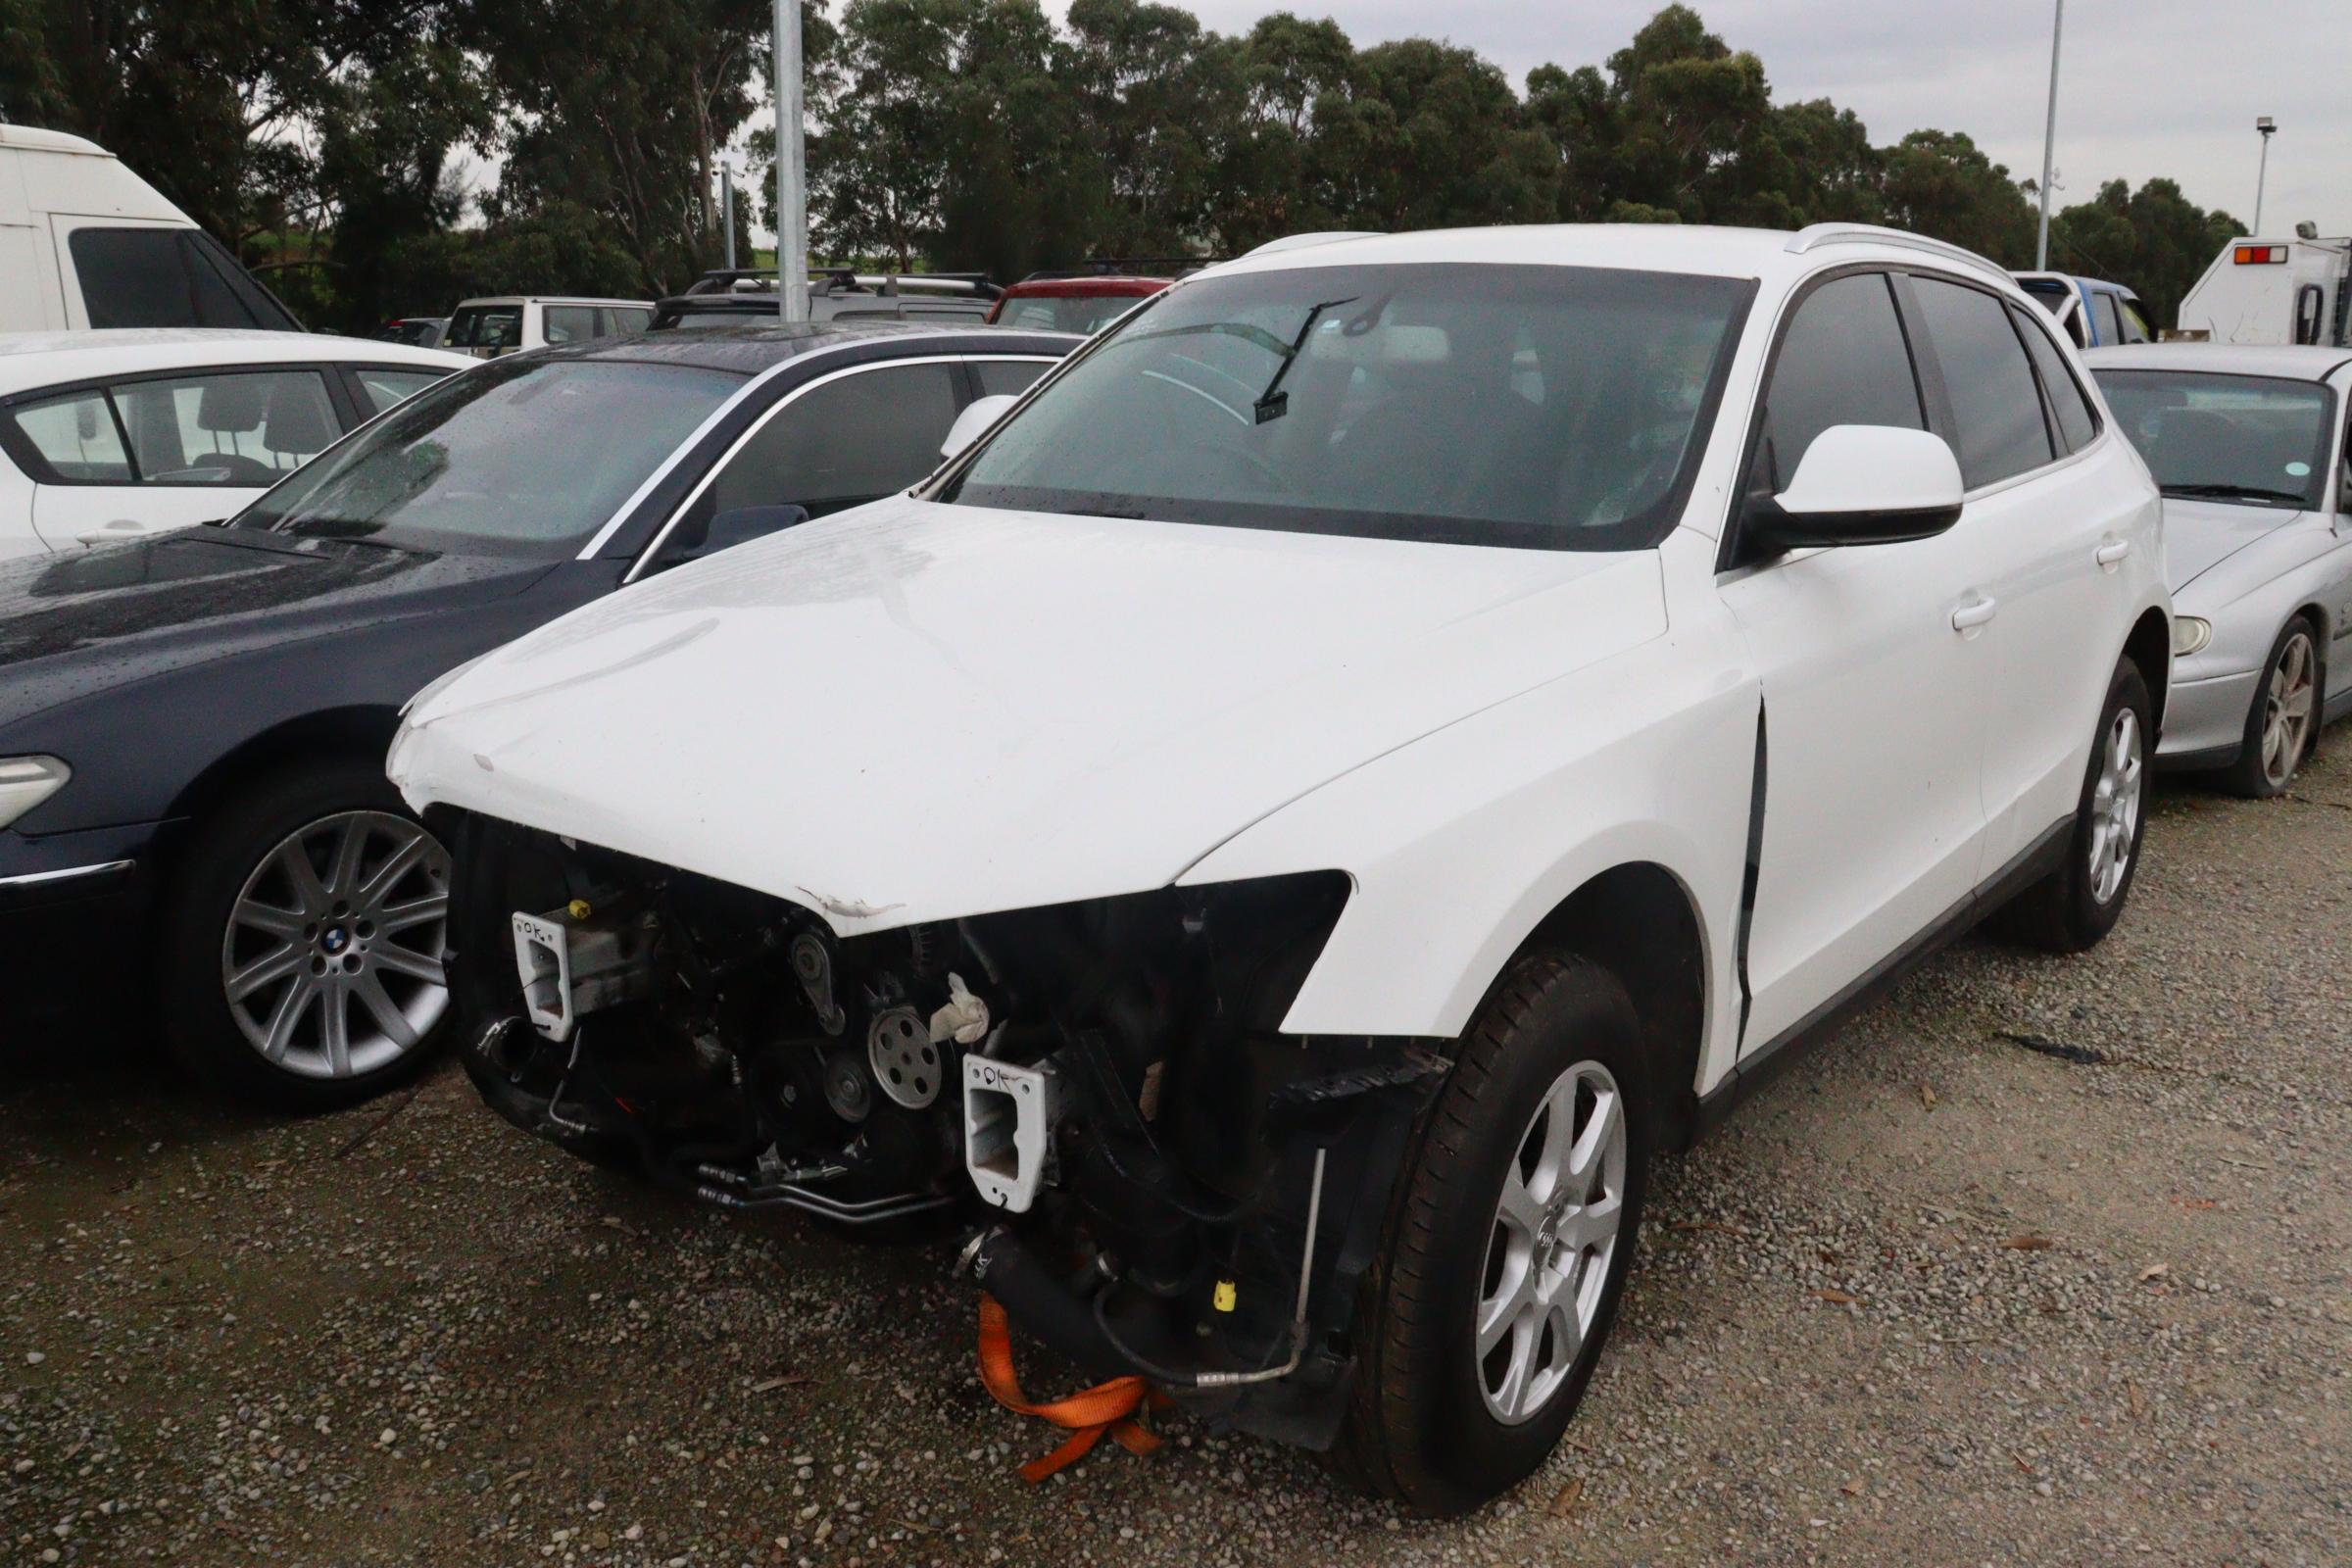 2010 Audi Q5 2.0 TFSI Quattro 8R Automatic Wagon WOVR+Repair